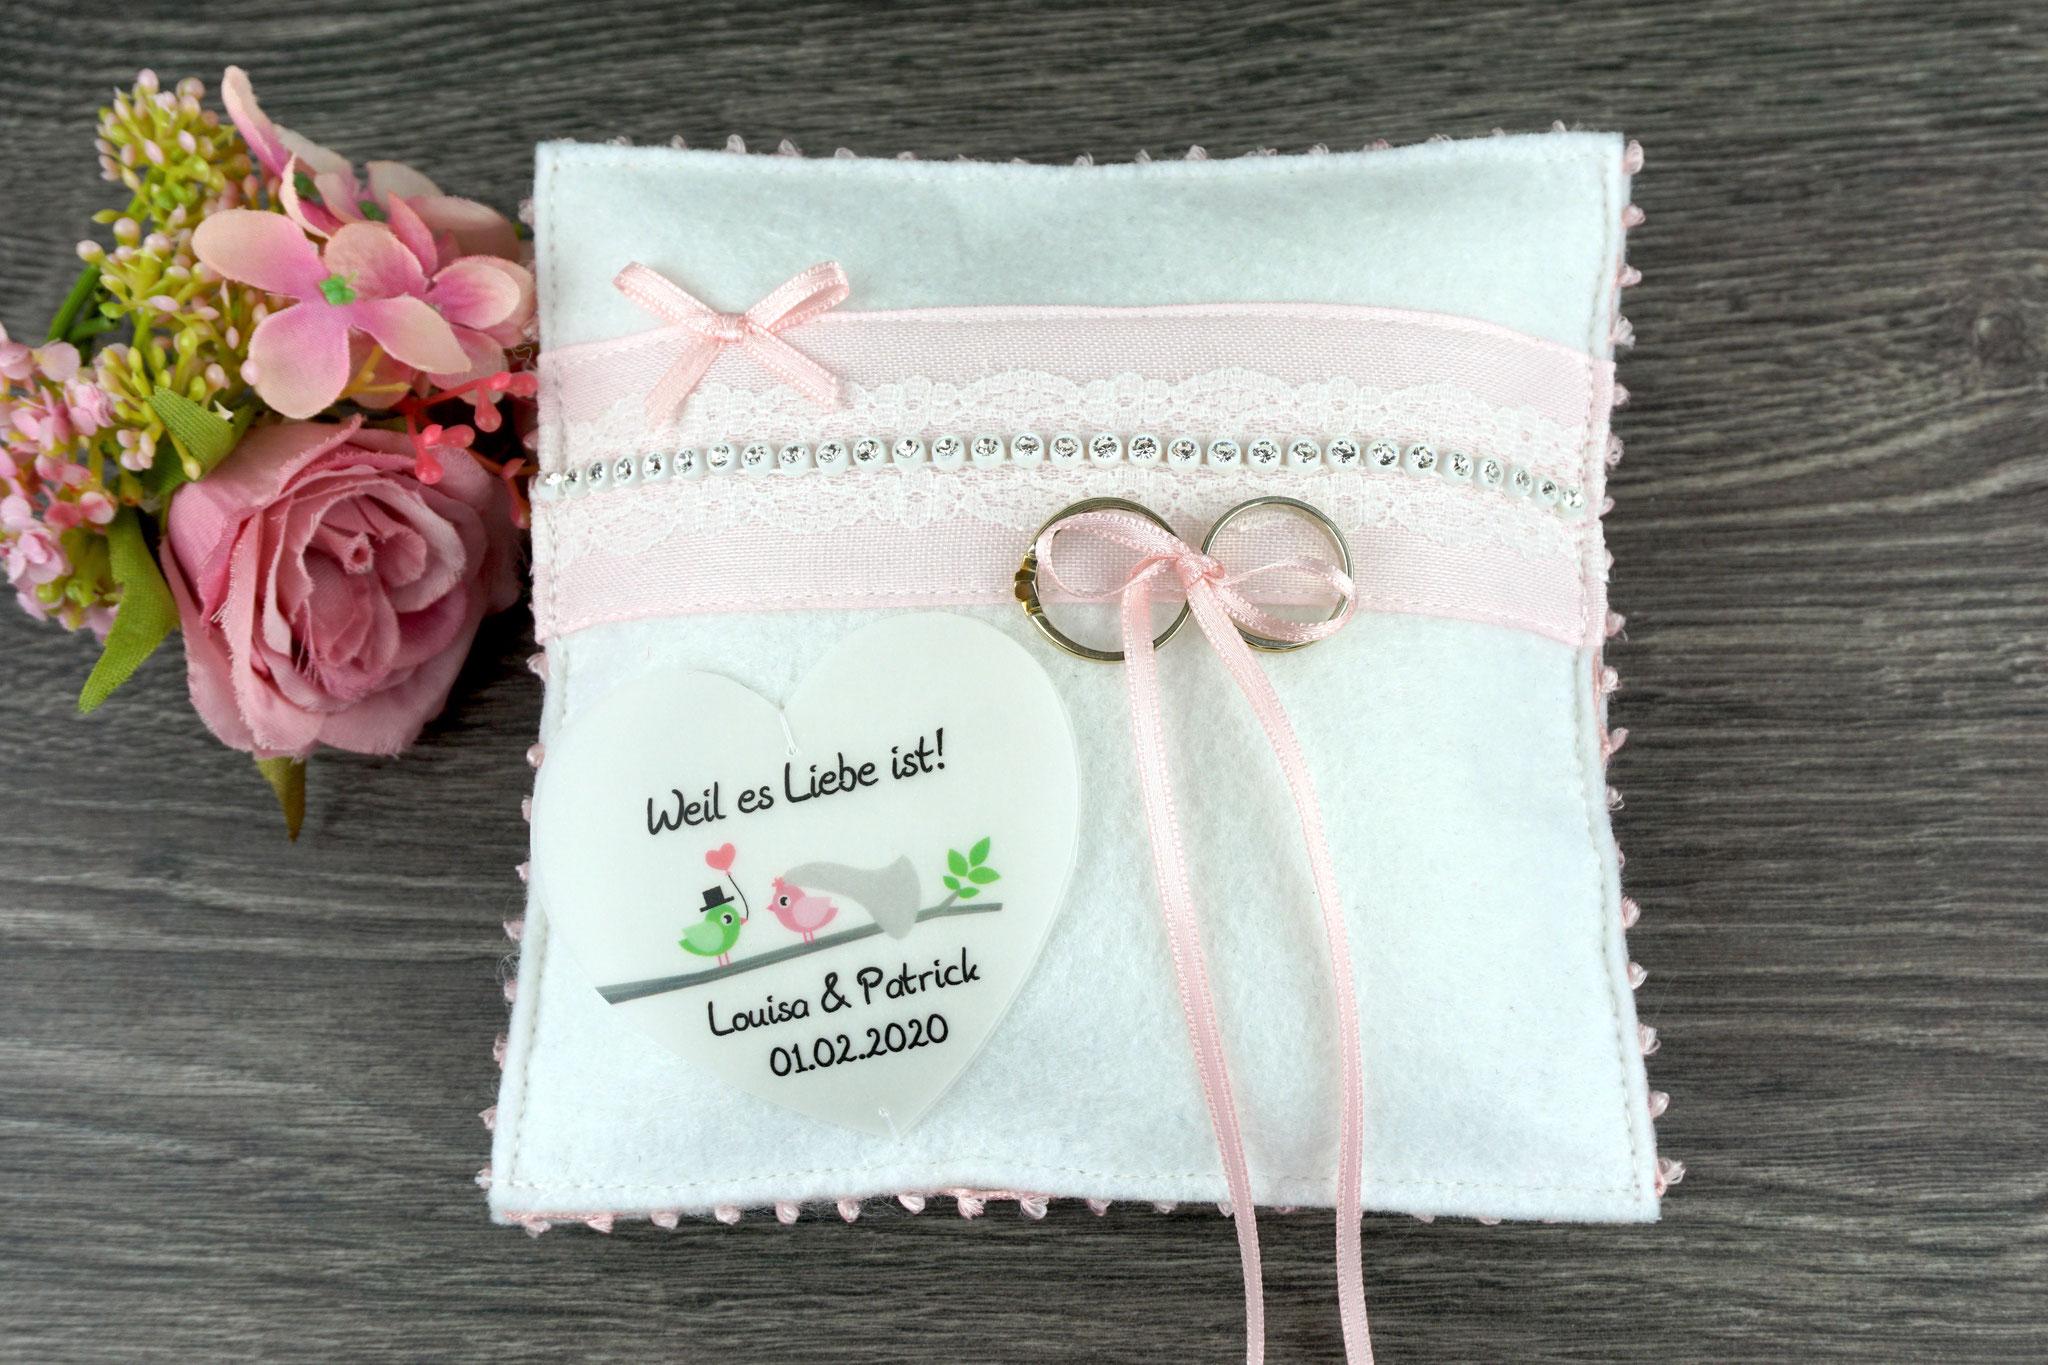 Ringkissen Monique, Filz Weiß, Band Rosé - Herzschildchen Design Hochzeitsvögel